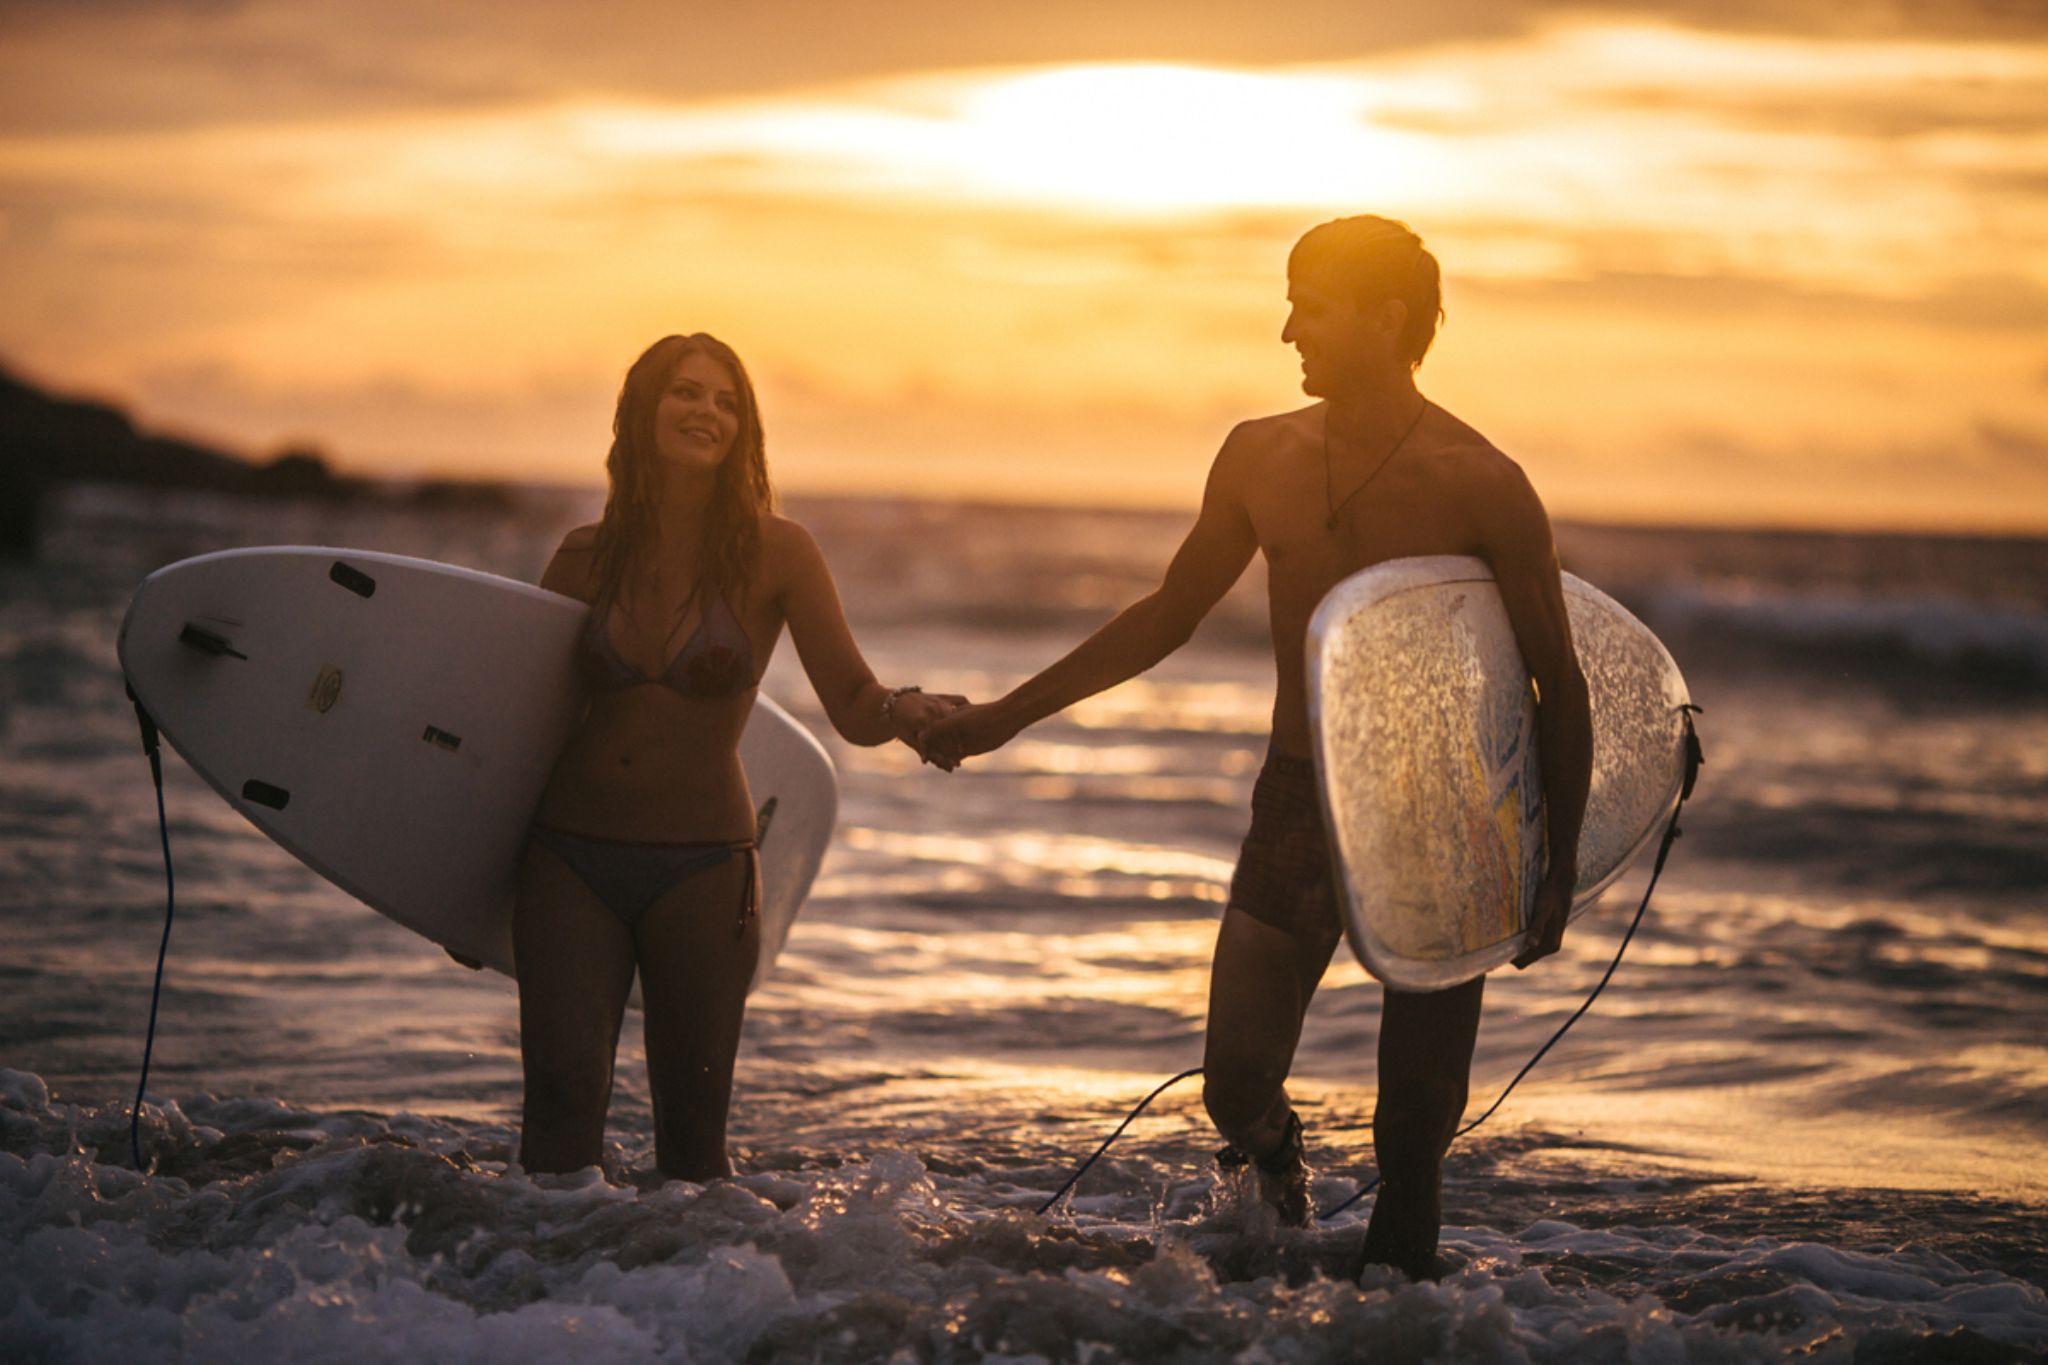 Keep calm and surf on by safonova olga